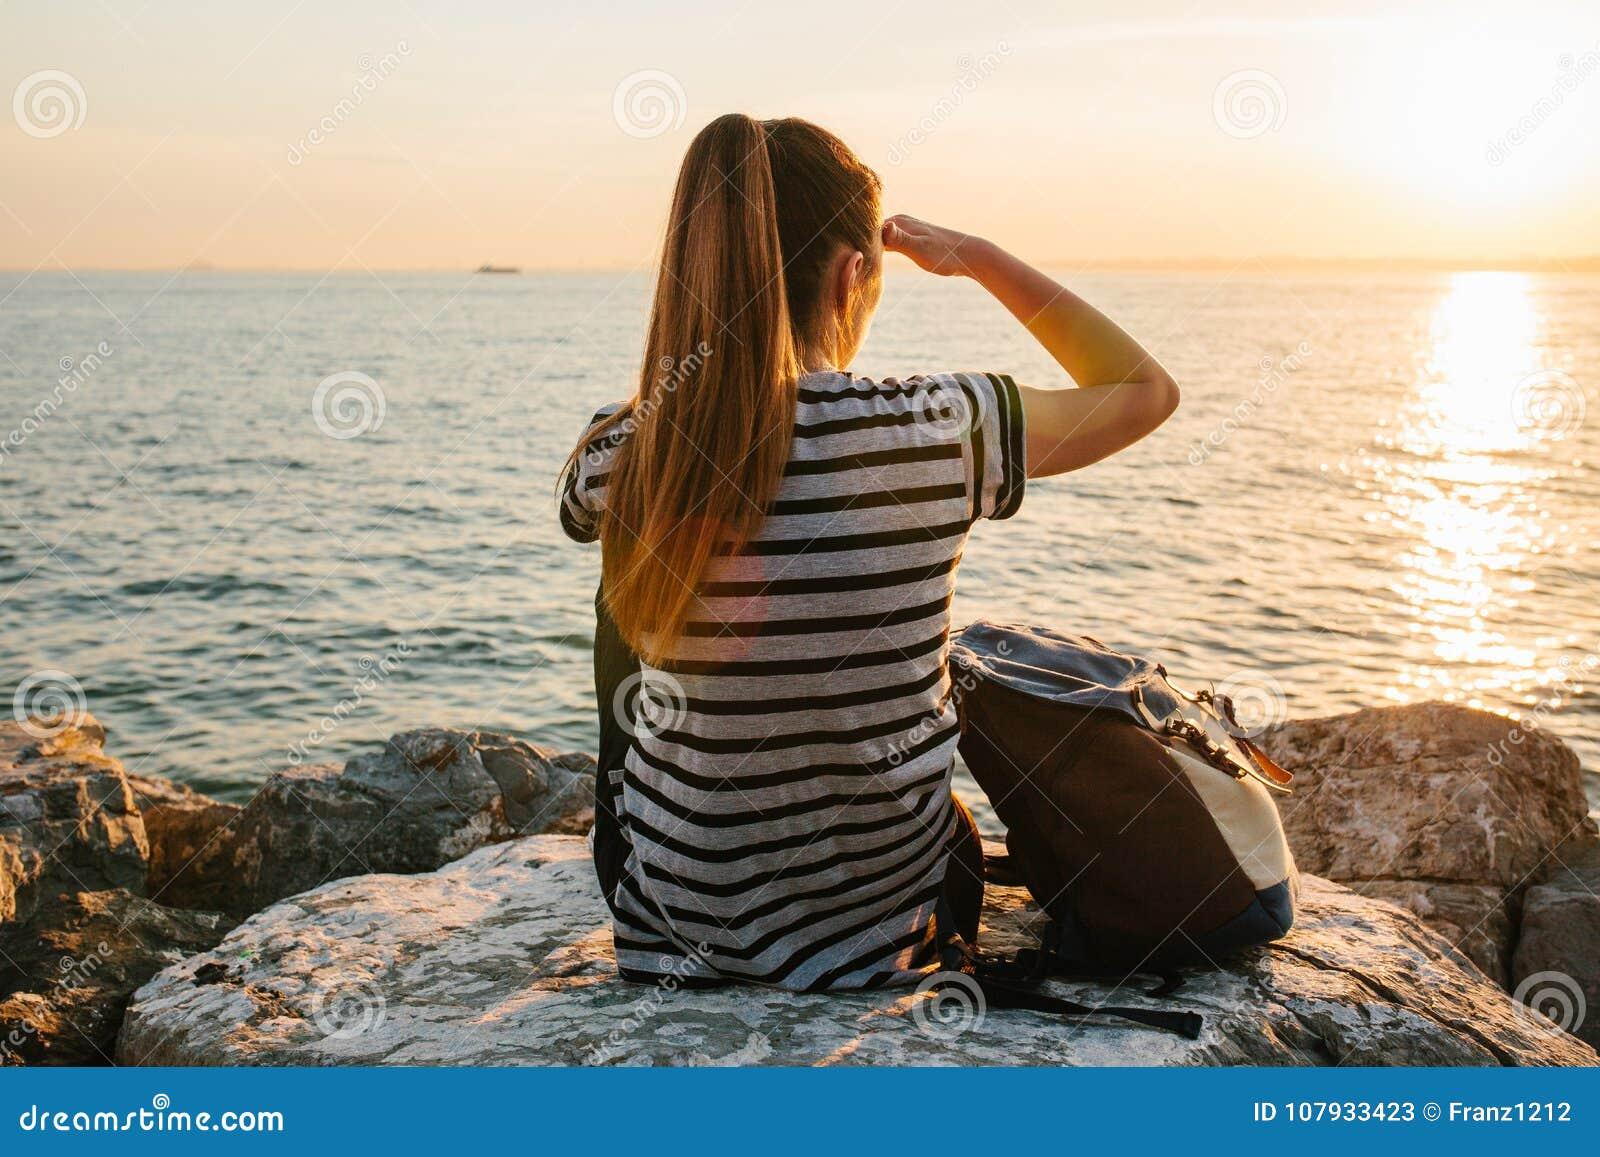 une jeune fille de touristes avec un sac dos s 39 assied sur les roches c t de la mer au. Black Bedroom Furniture Sets. Home Design Ideas